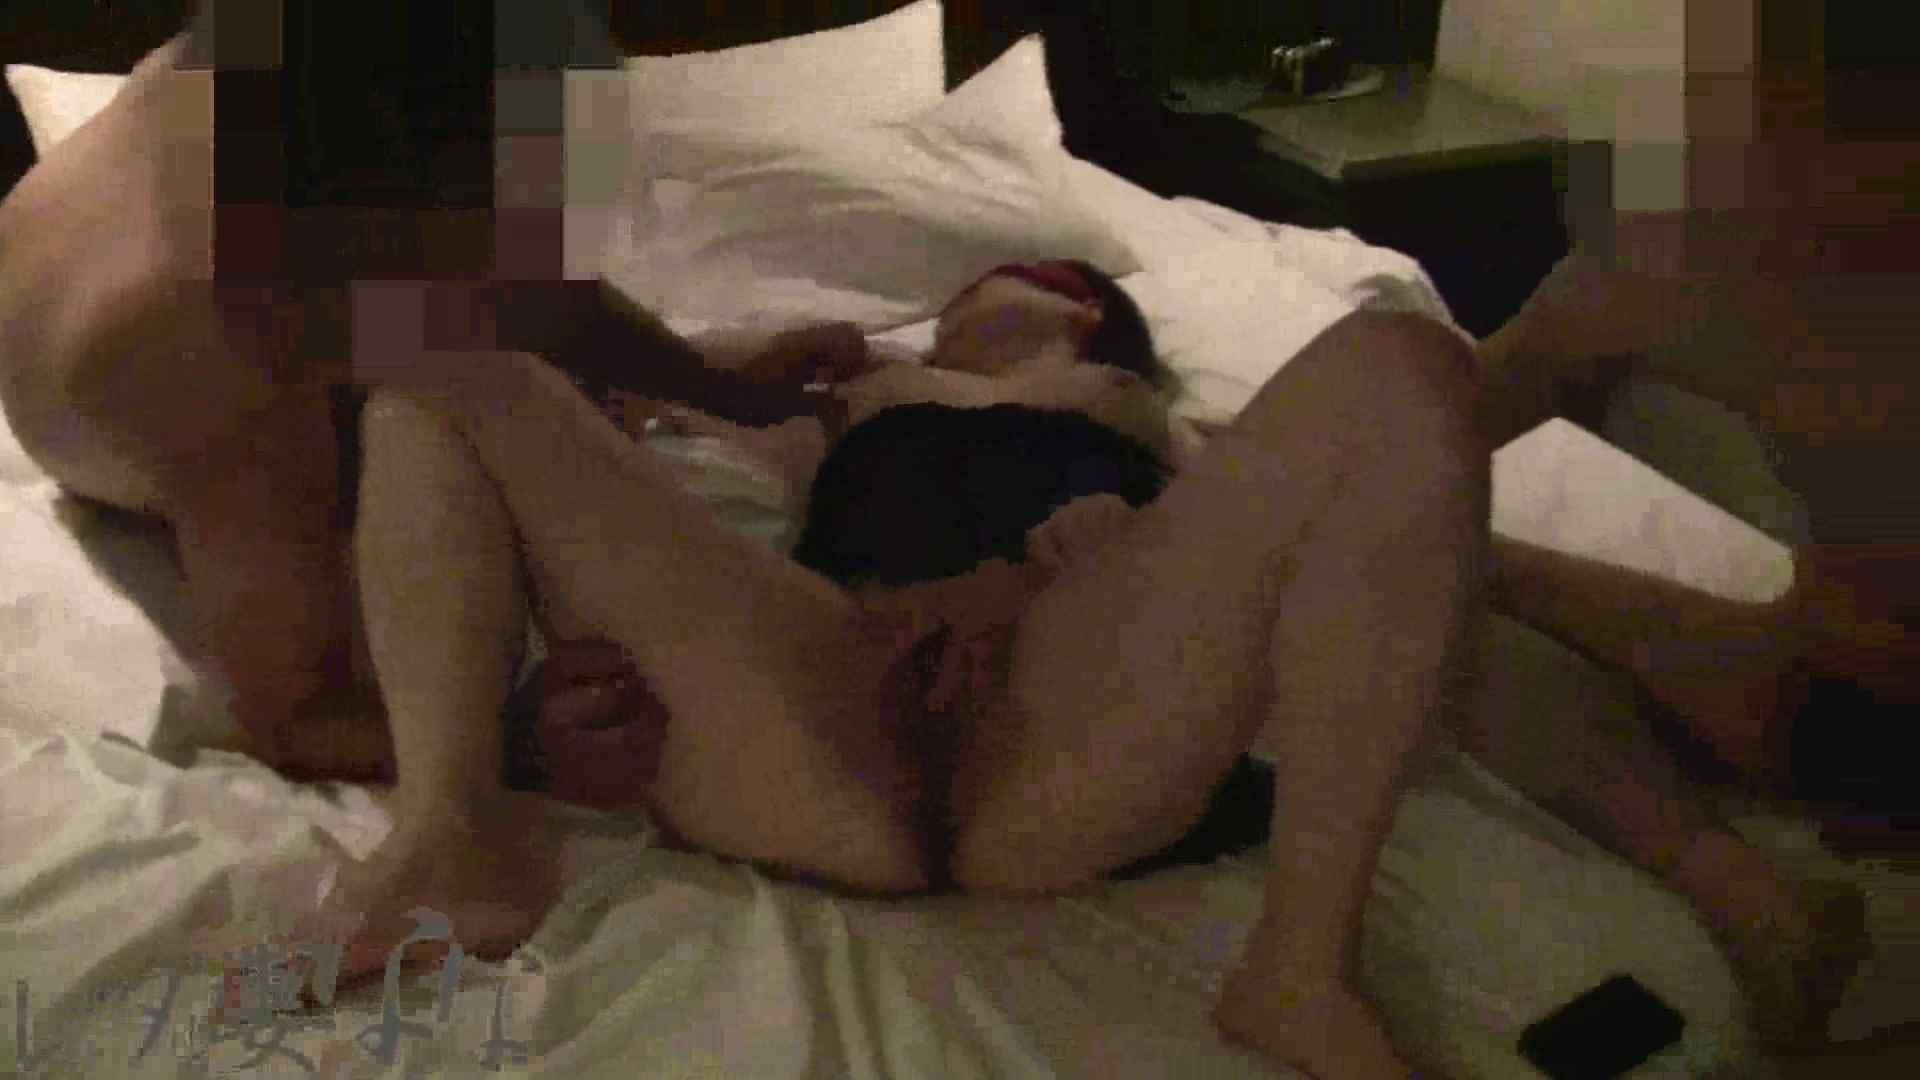 レンタル妻ななvol.12 3Pセックス編 OL裸体 | ギャル達のおっぱい  84画像 12